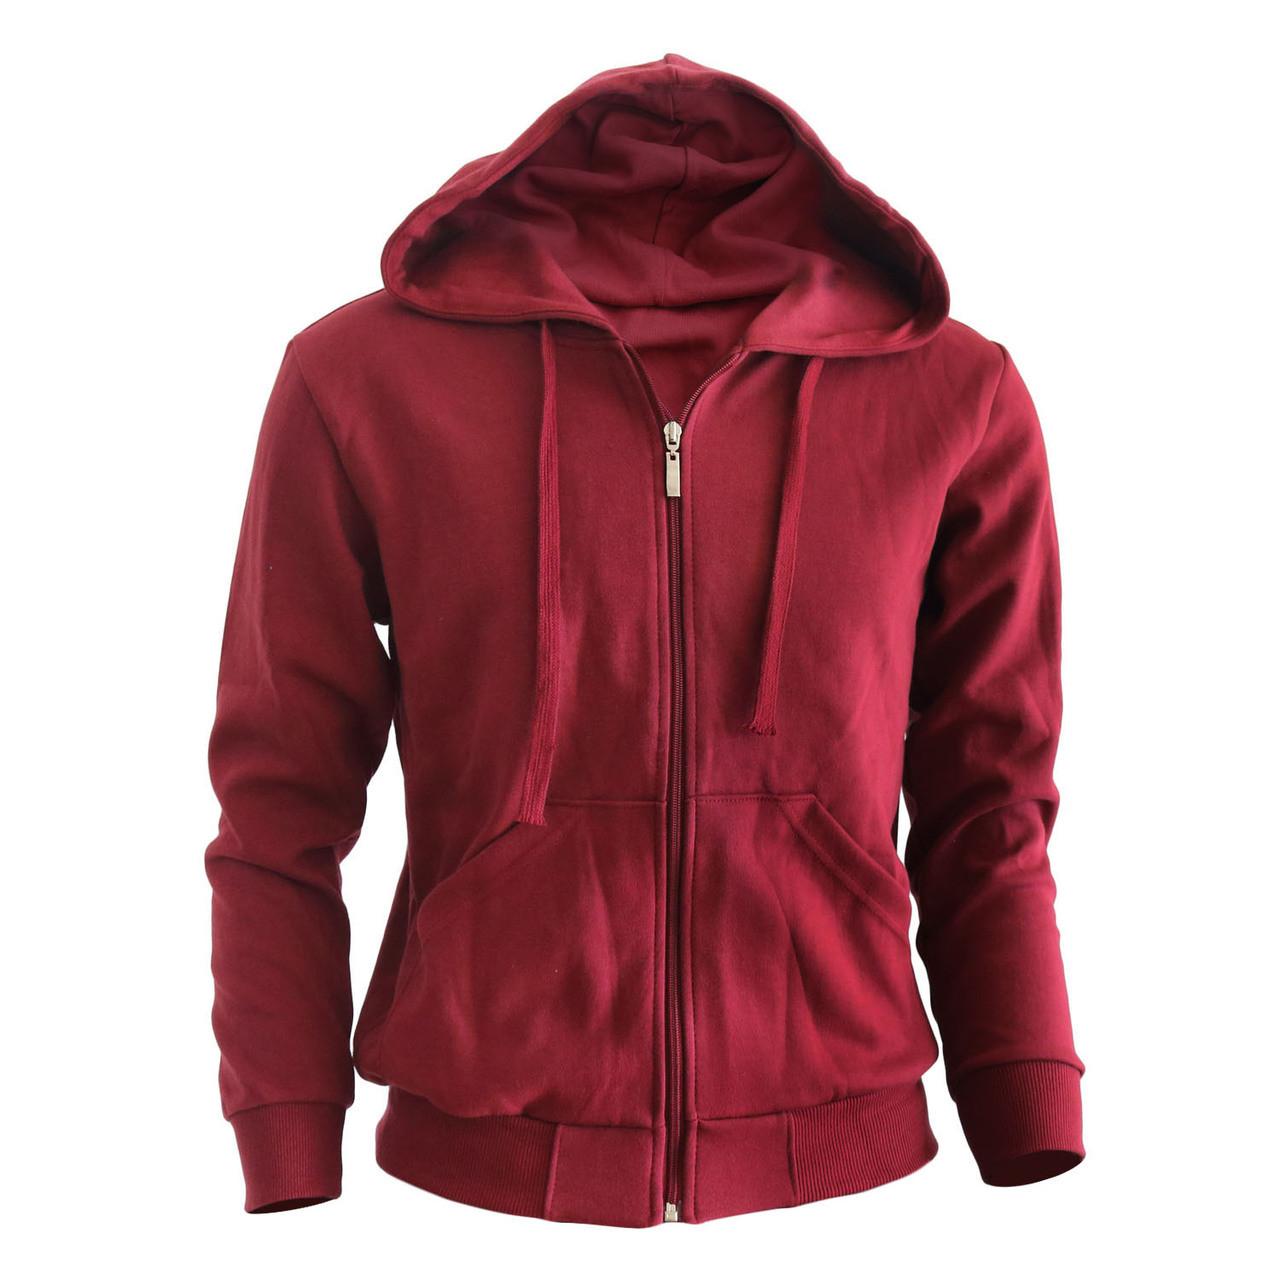 Plain red zip up hoodie